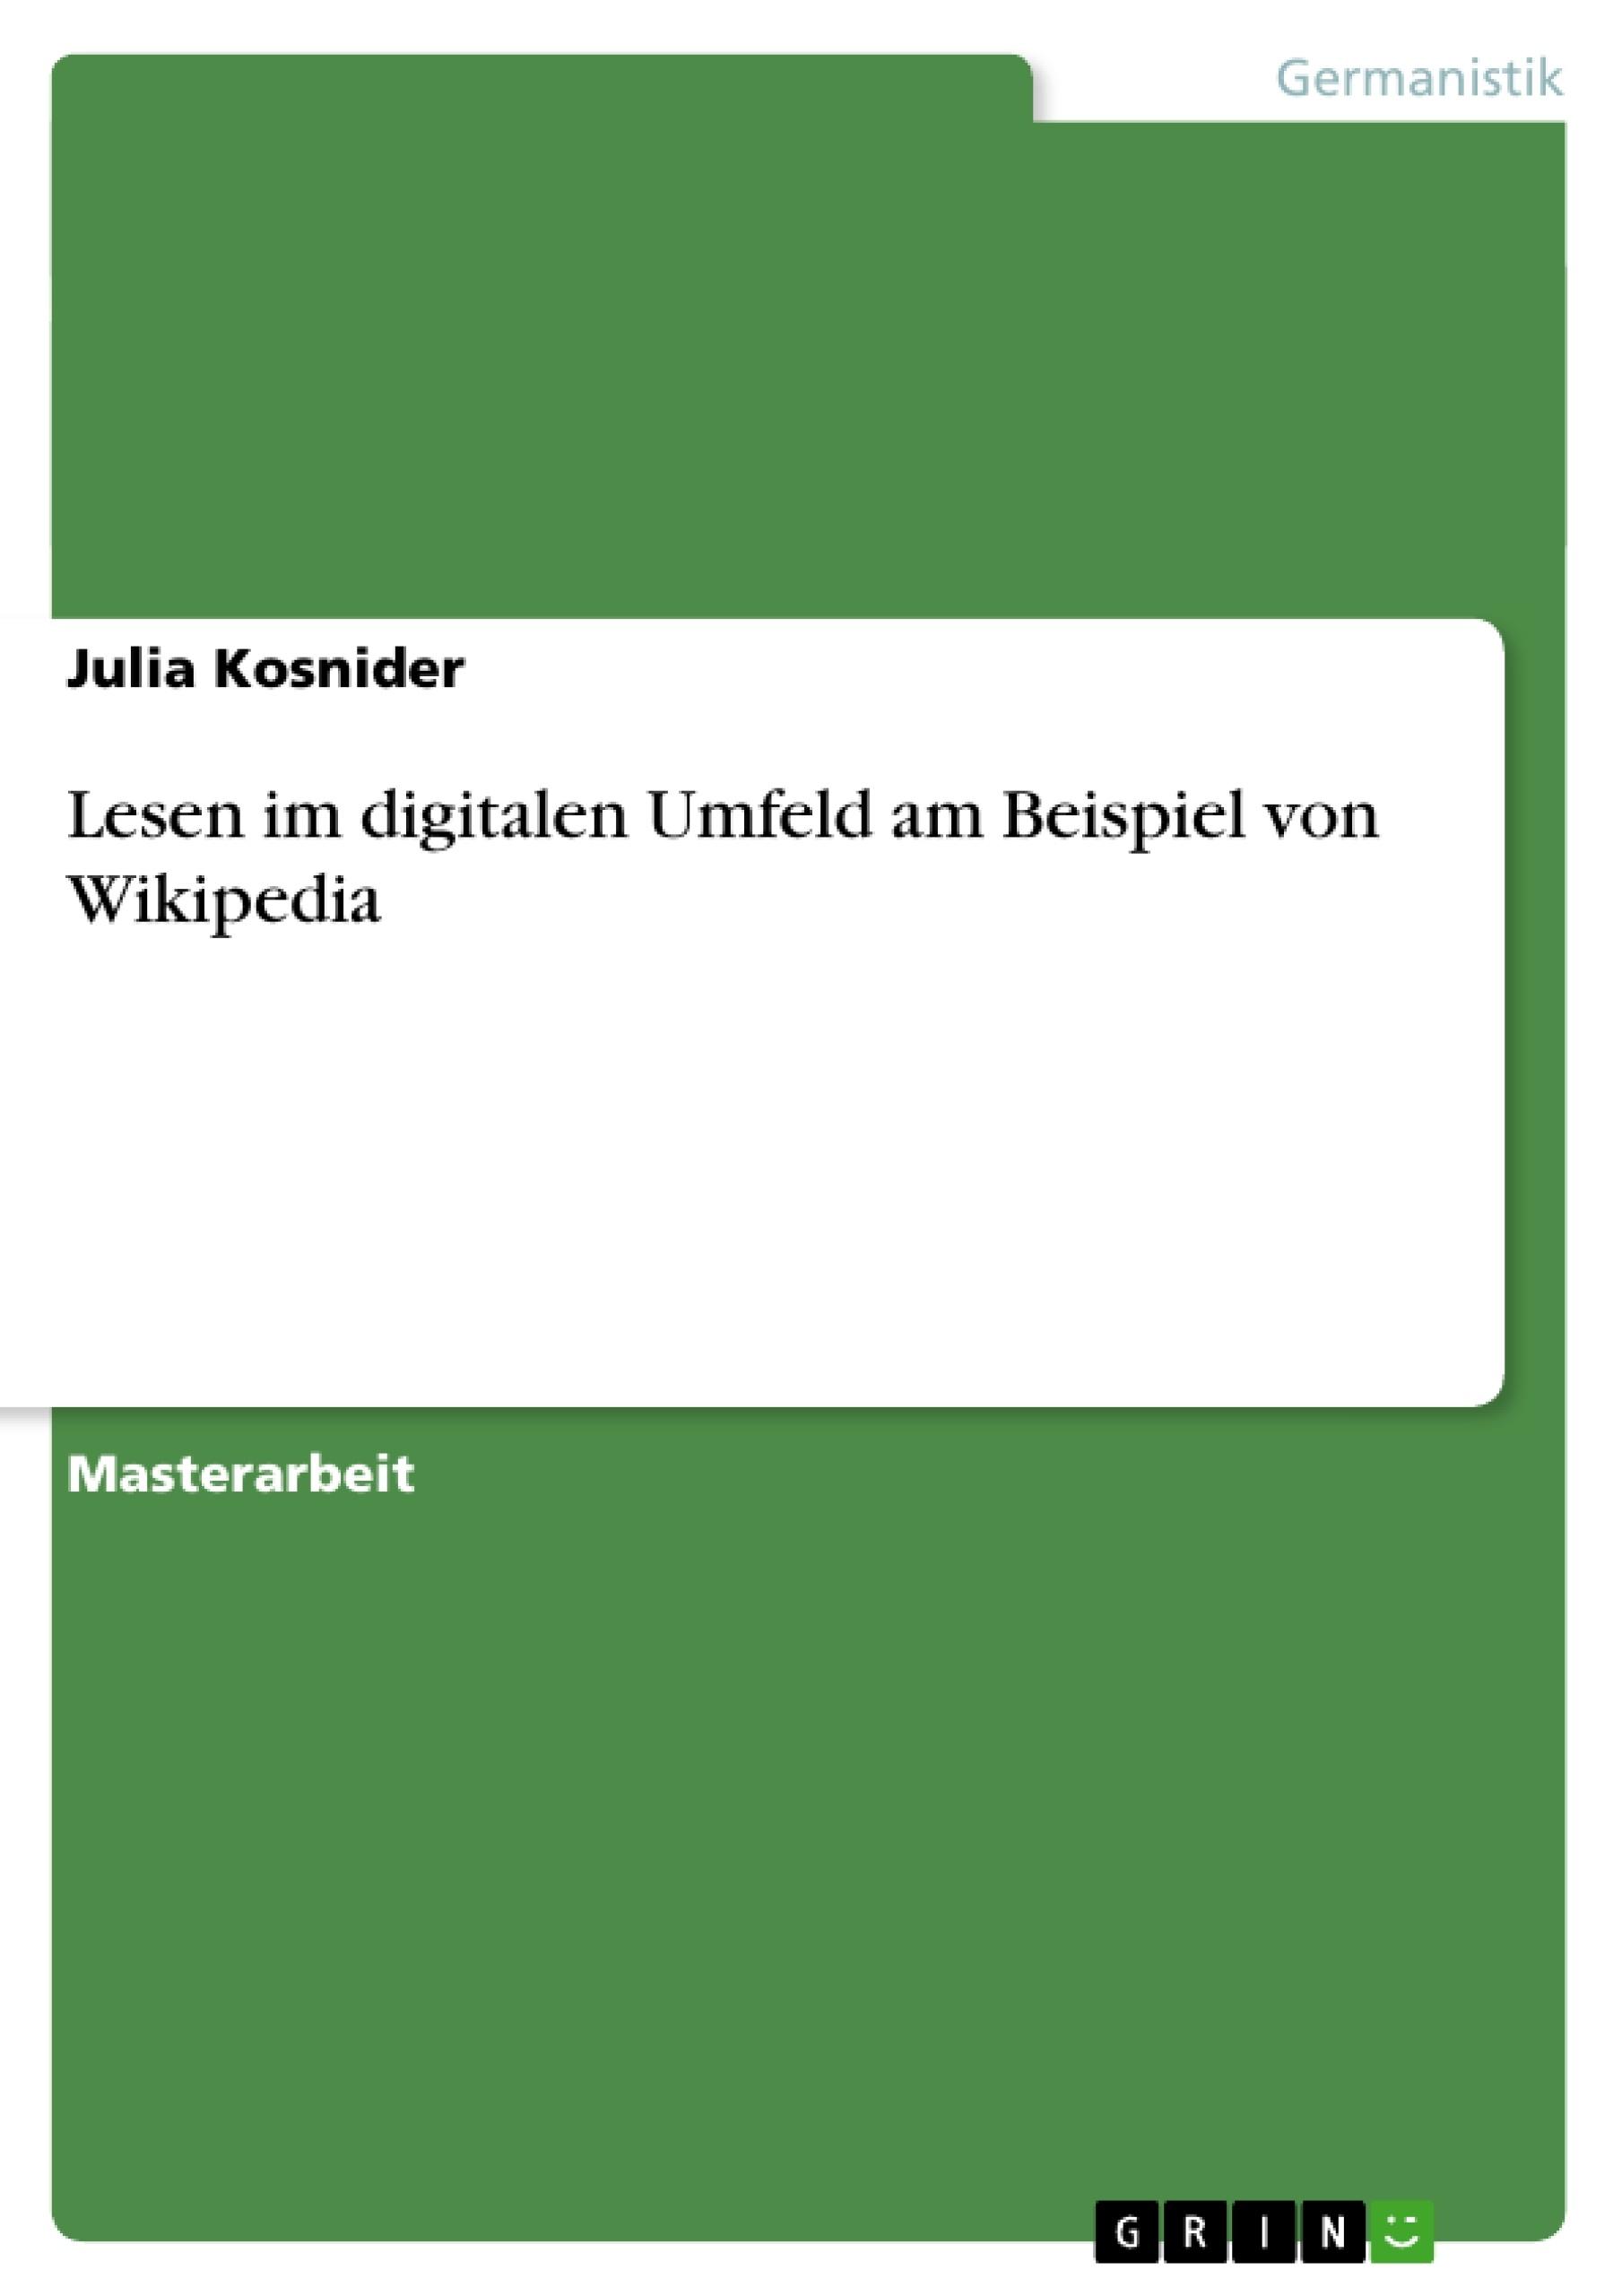 Titel: Lesen im digitalen Umfeld am Beispiel von Wikipedia